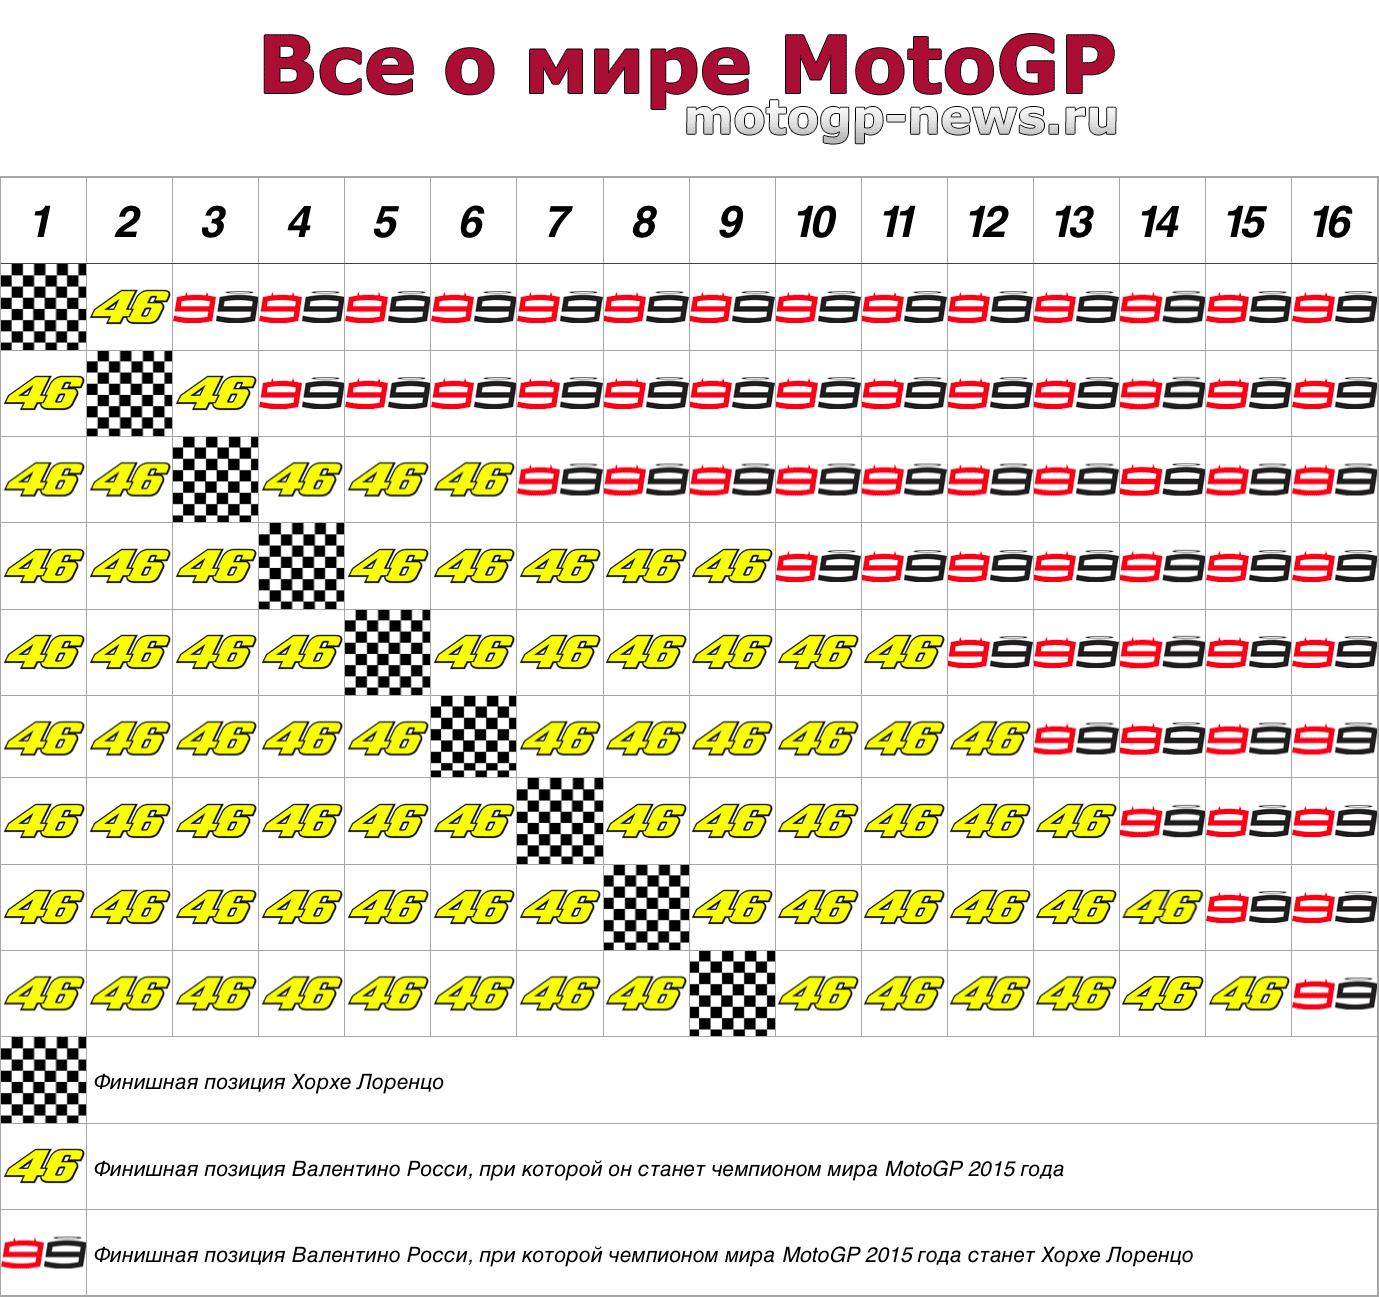 Все возможные сценарии развития борьбы за титул MotoGP 2015